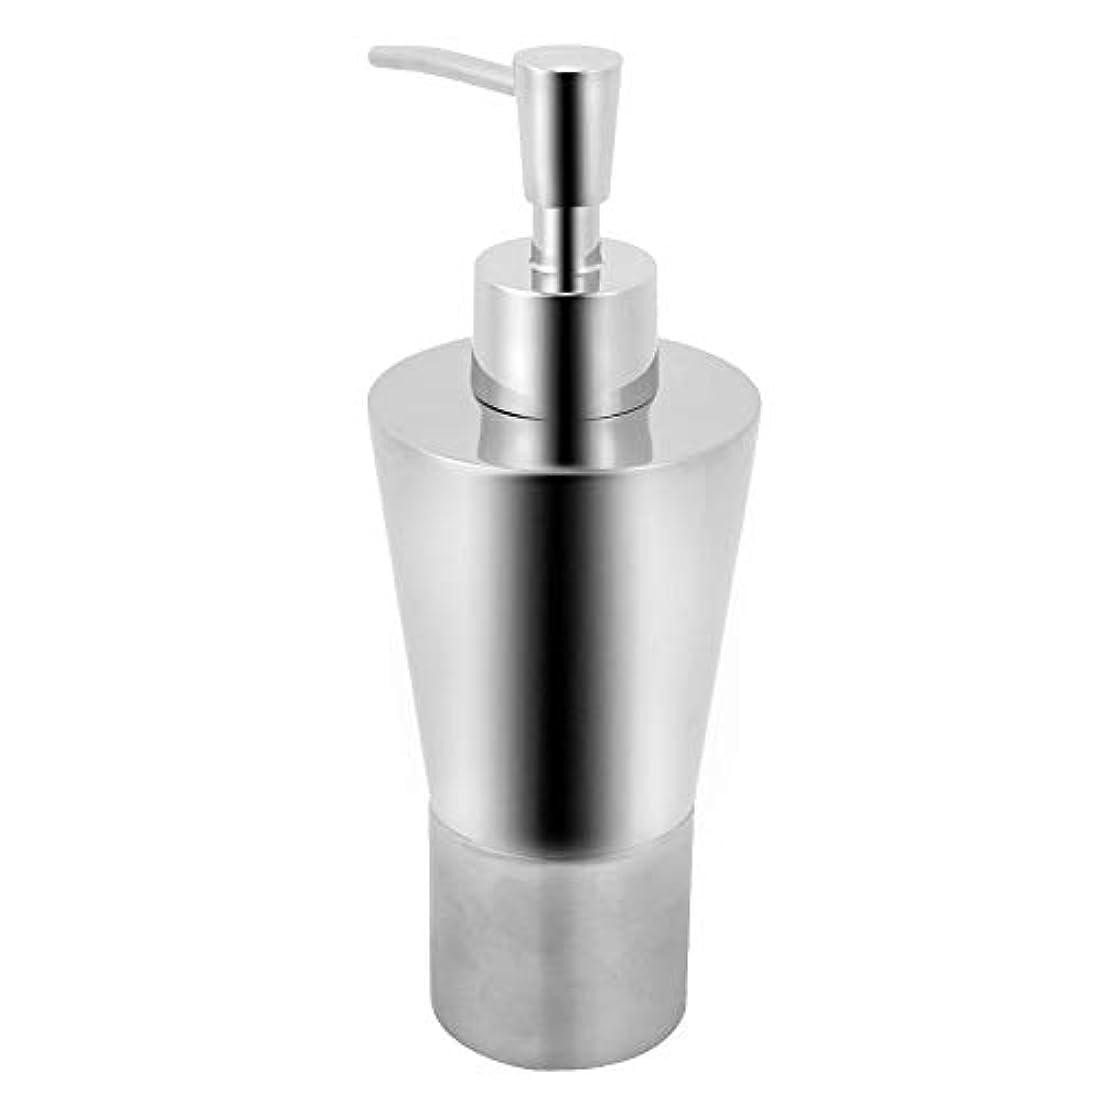 dootiディスペンサー 詰め替え ハンドソープ 洗剤ボトル ステンレス 耐久性 防水 防錆 多種類のソープ液体に適用